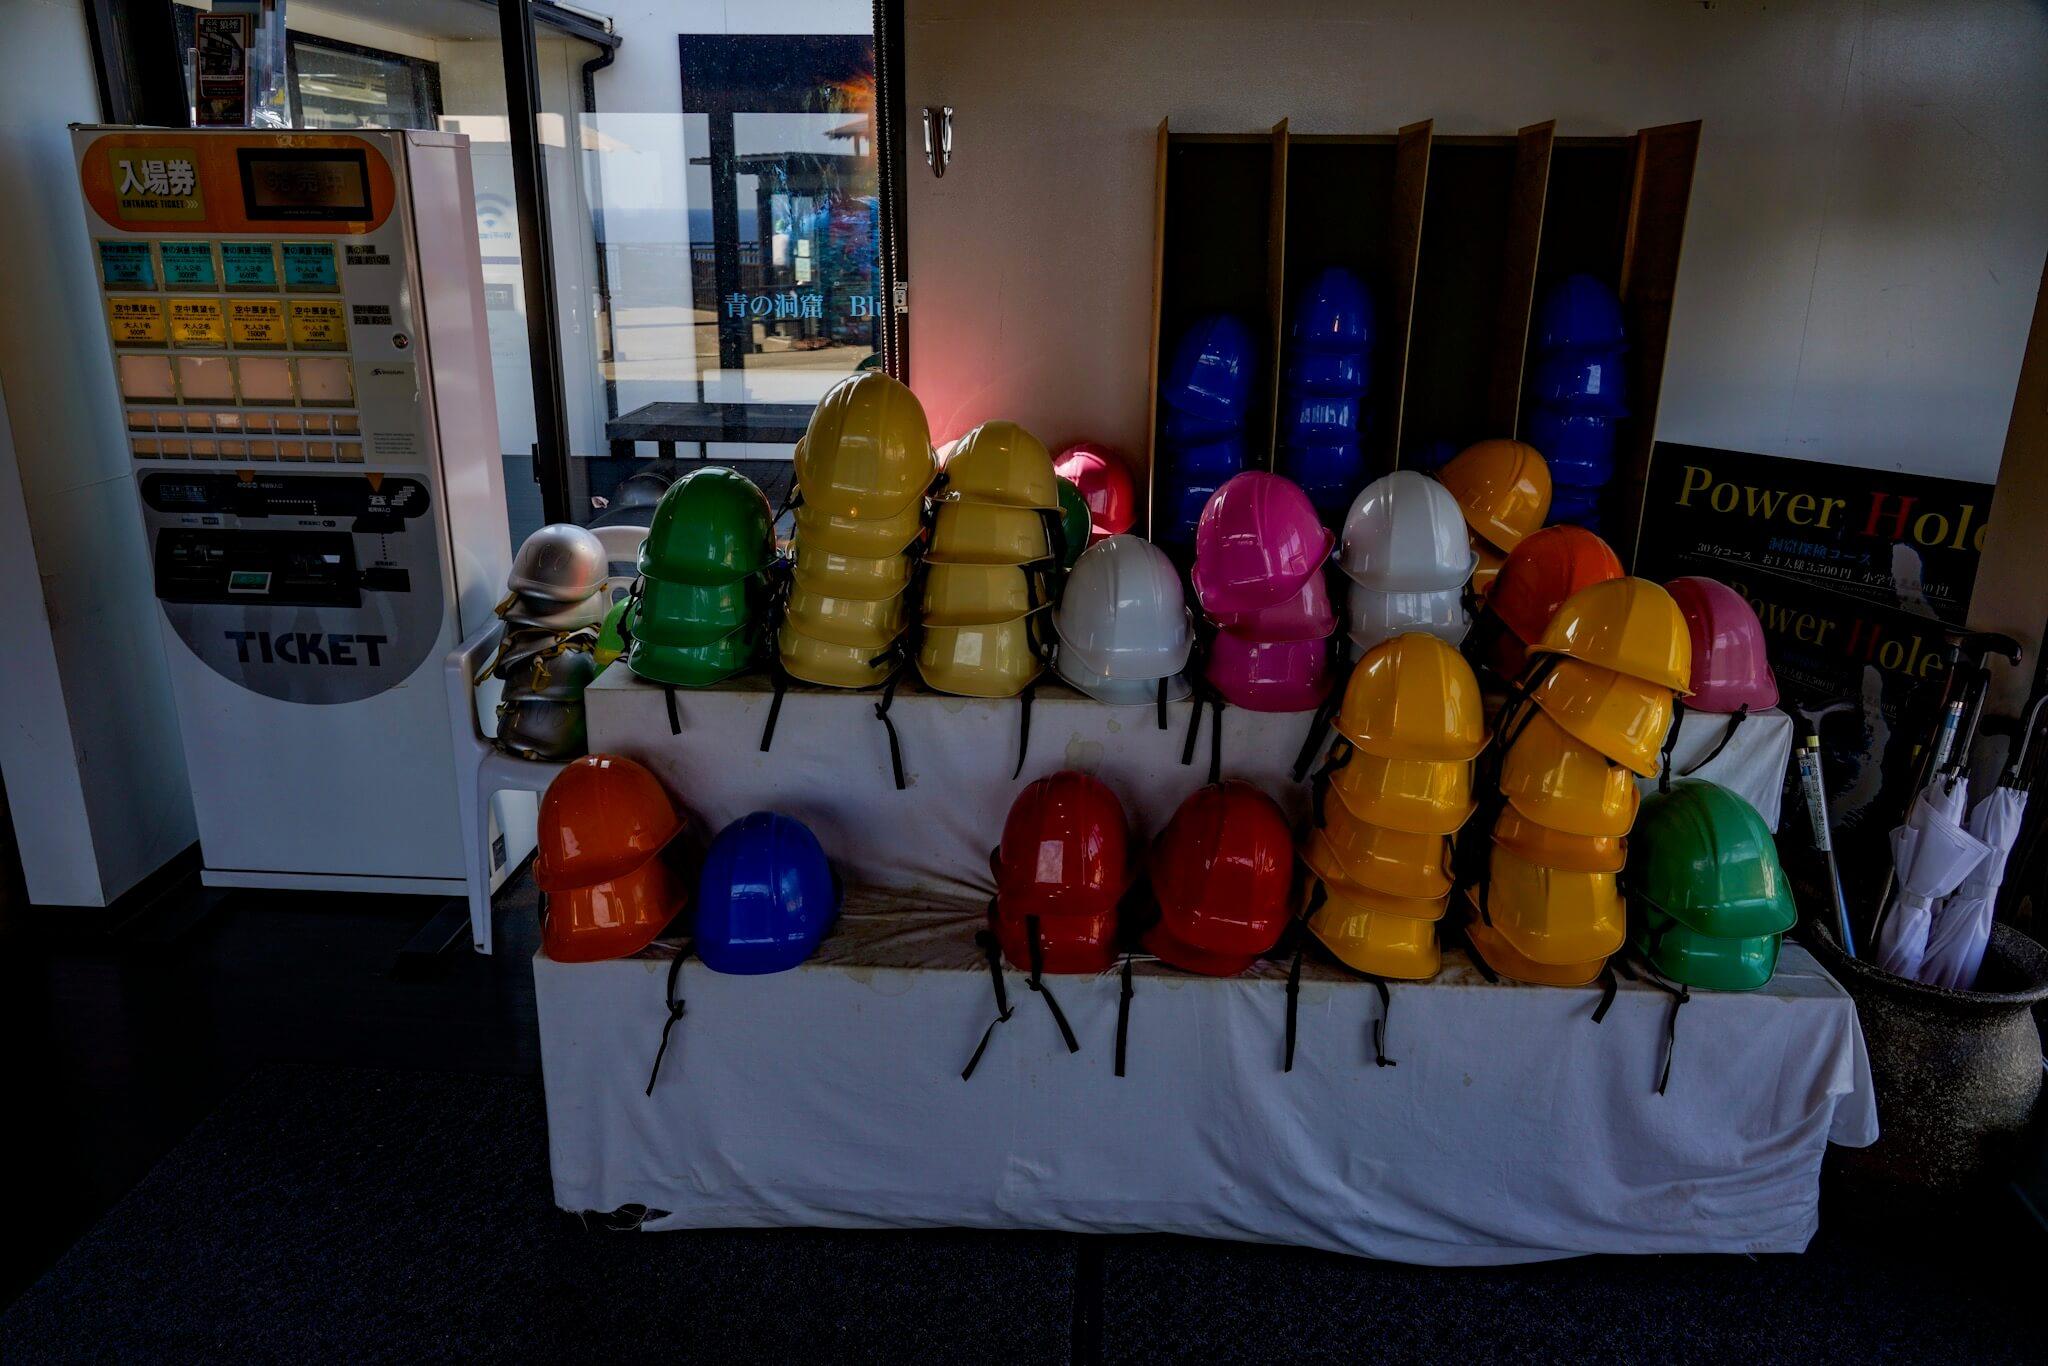 聖域の岬・青の洞窟 パワースポット「多彩なヘルメット」